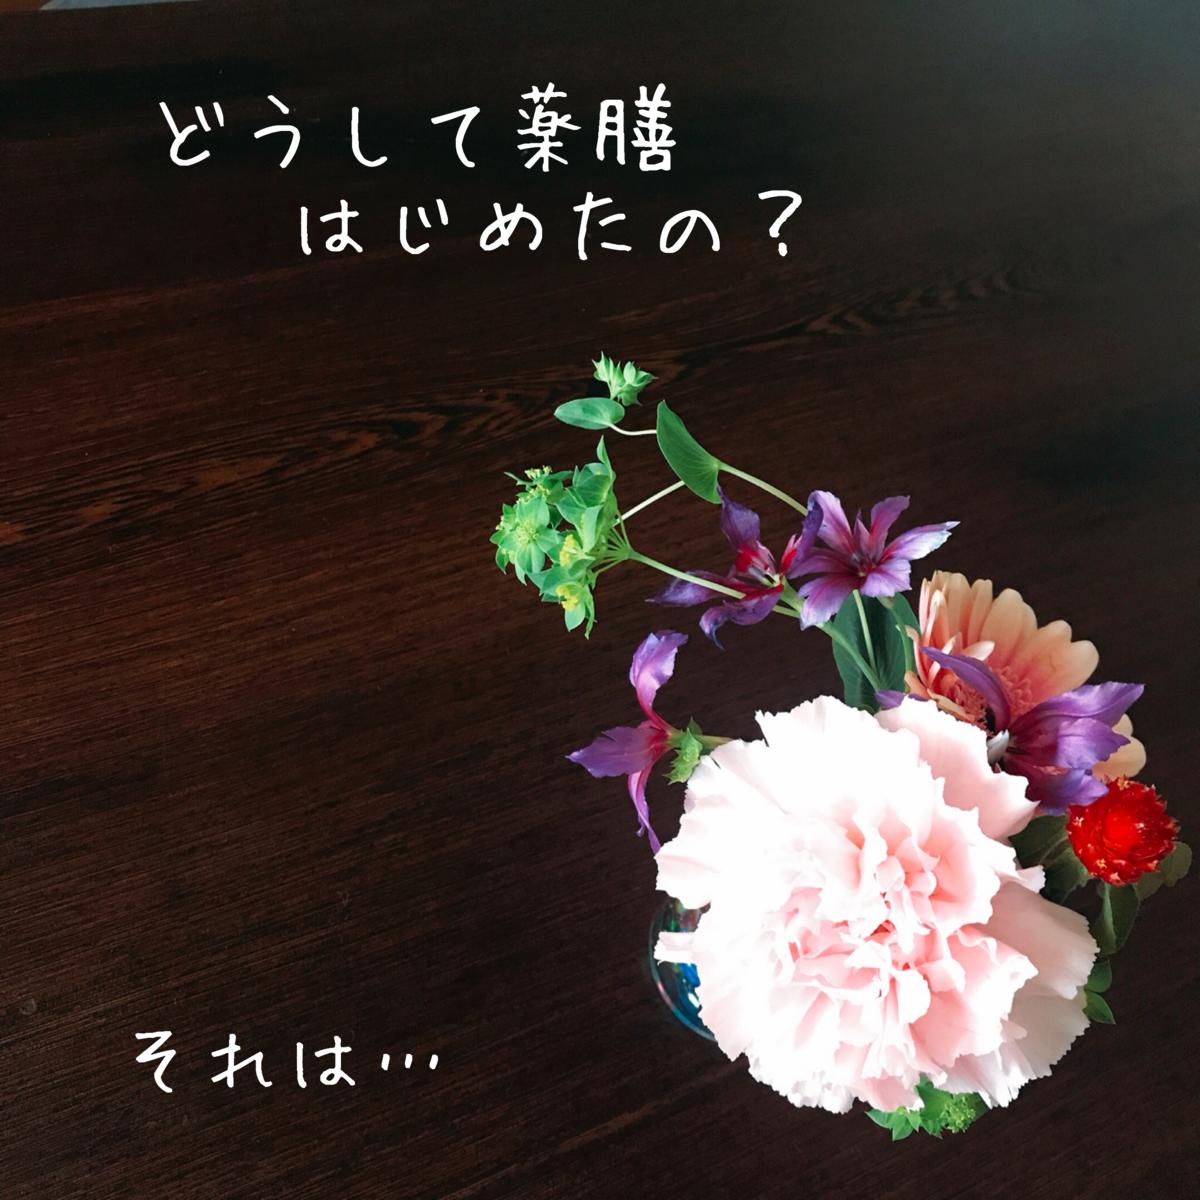 f:id:asanoha-manabiya:20200321233613p:plain